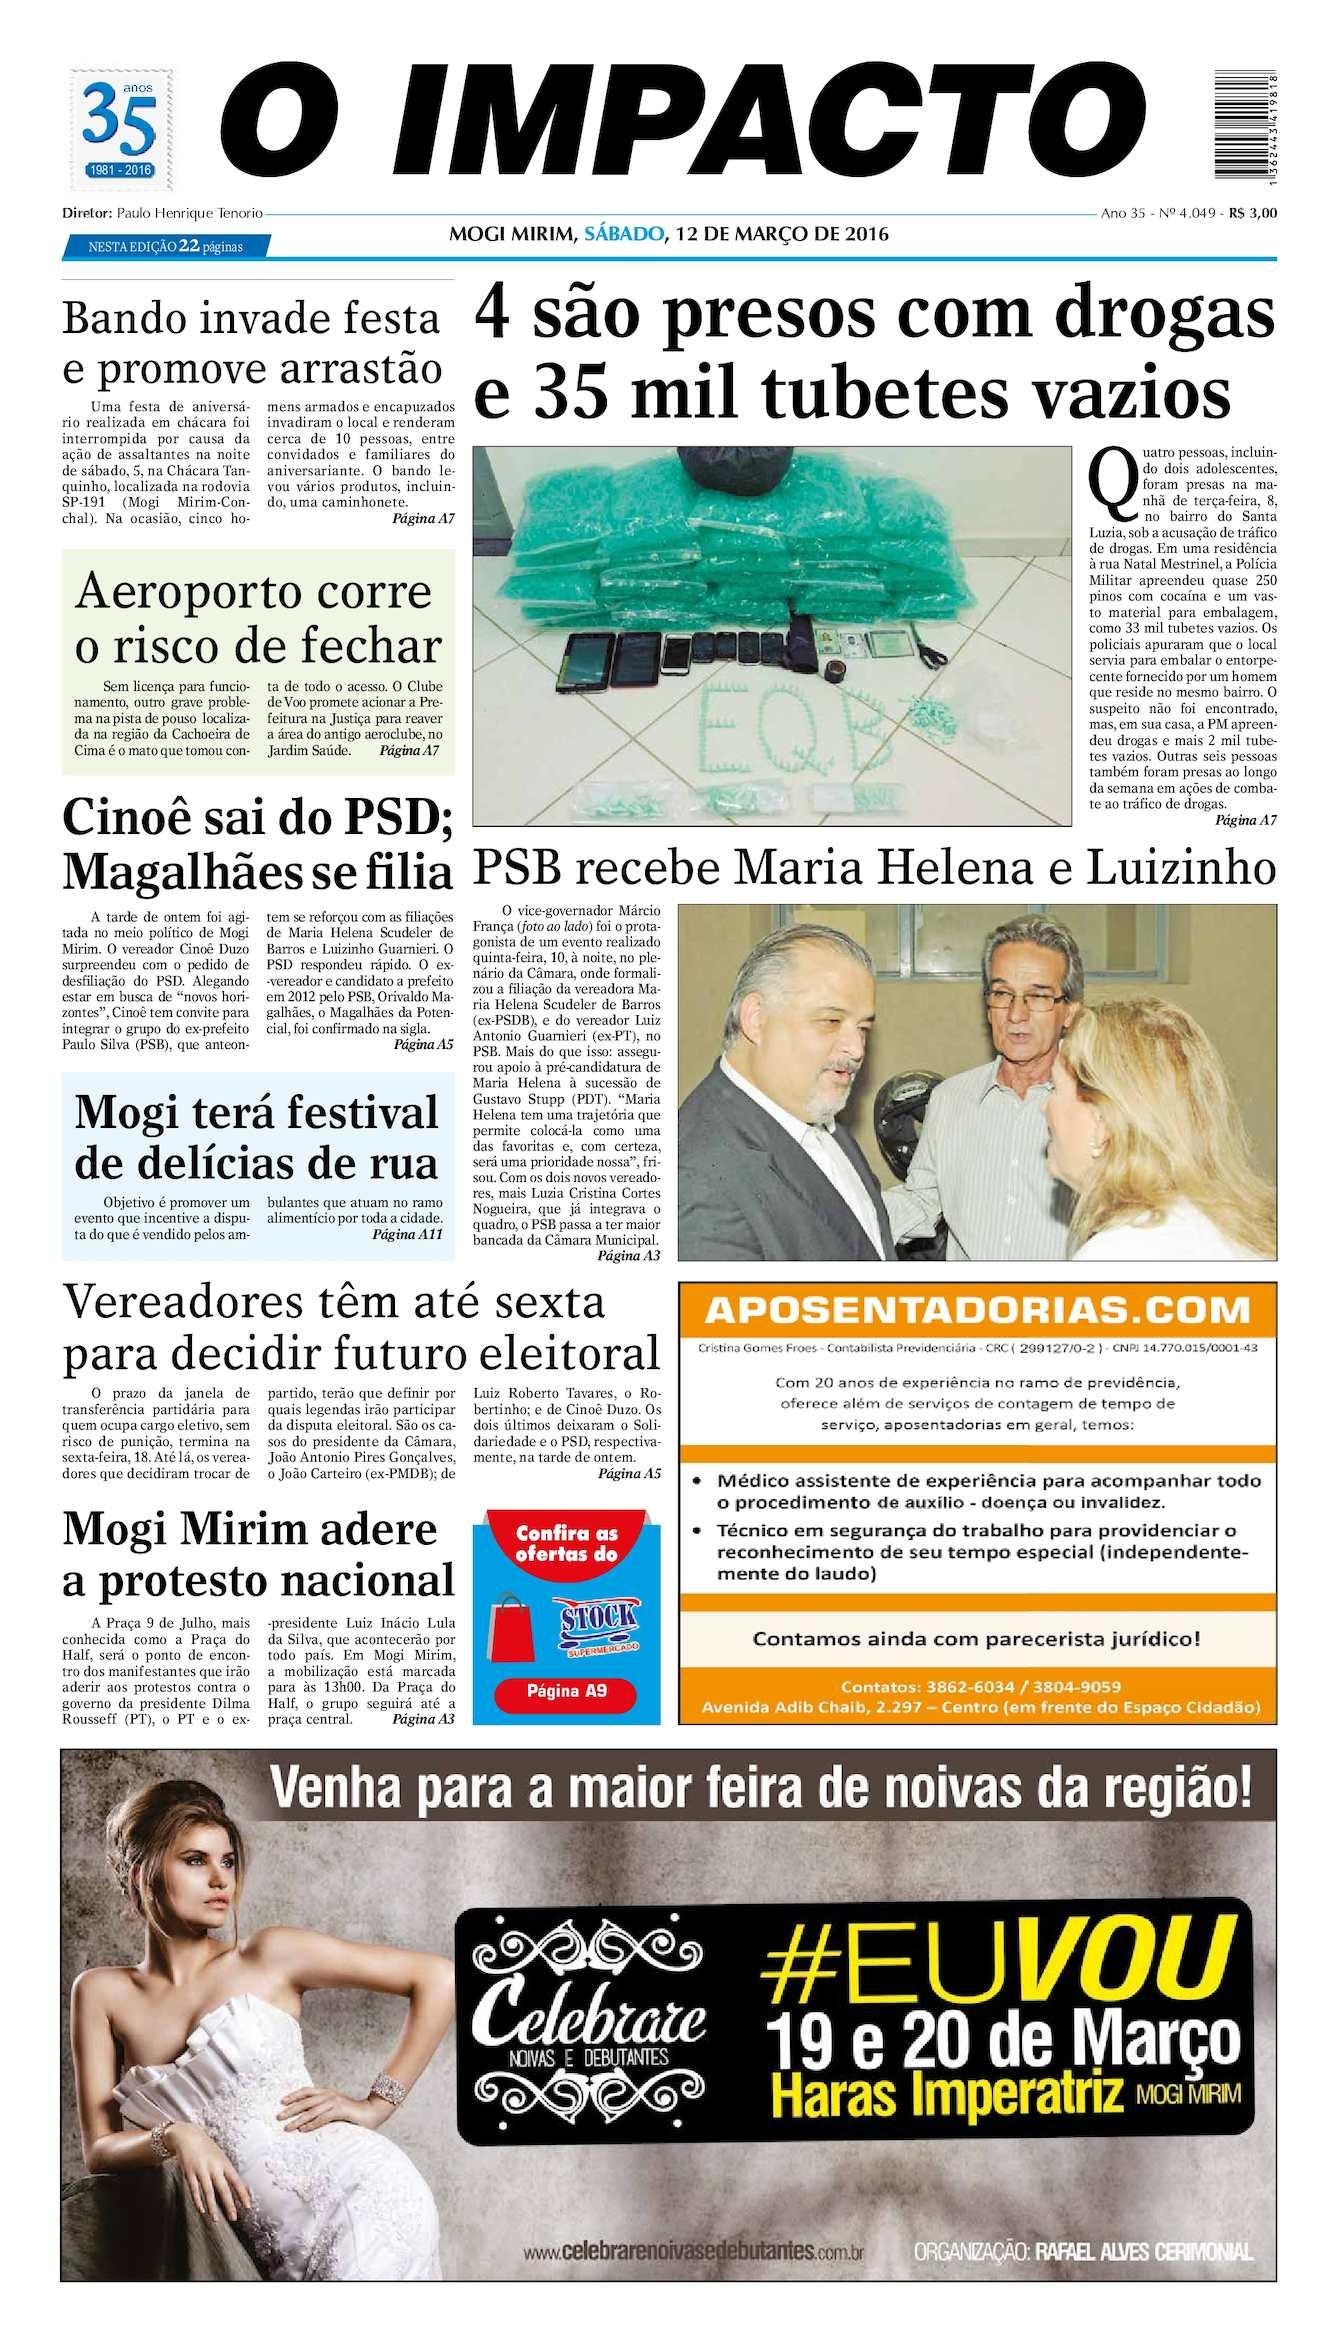 882bbfb72b Calaméo - Ediçãoi 12-03-16 4049